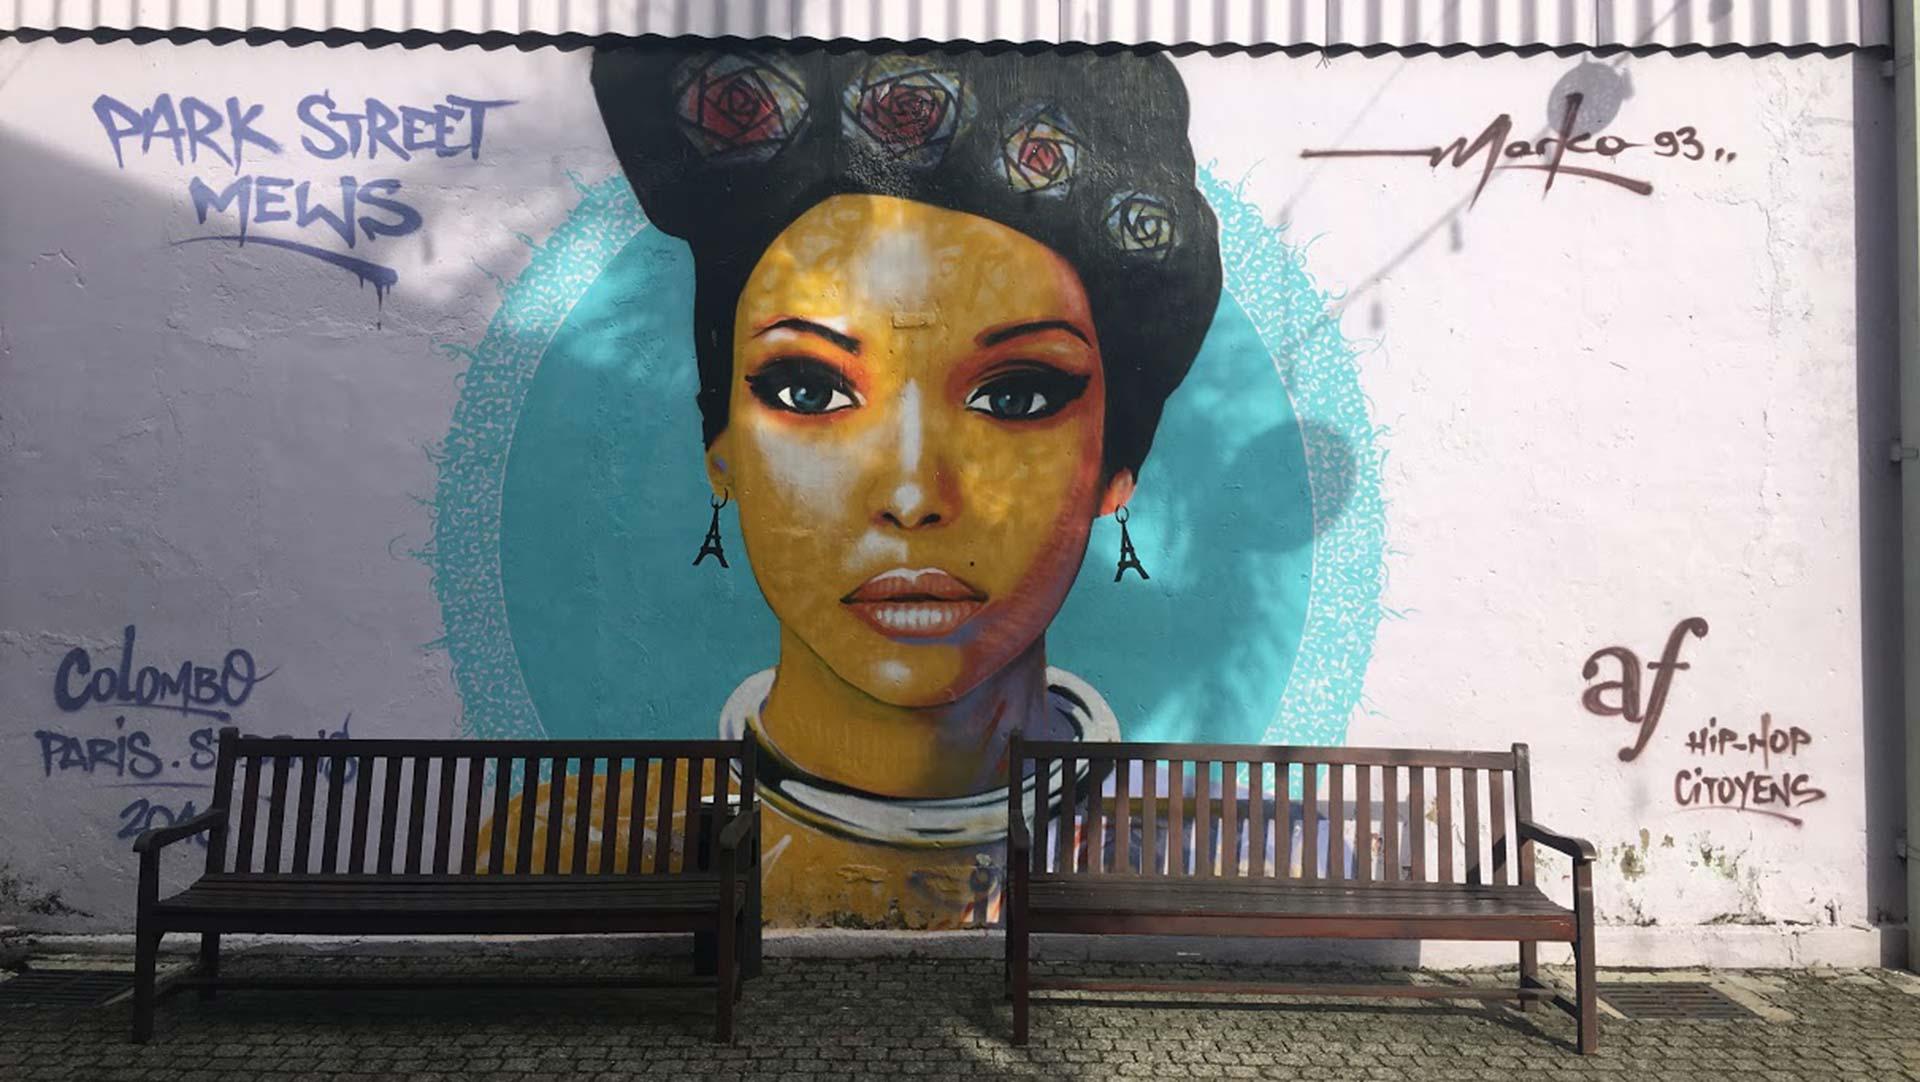 Park Street Mews mural, Colombo, Sri Lanka